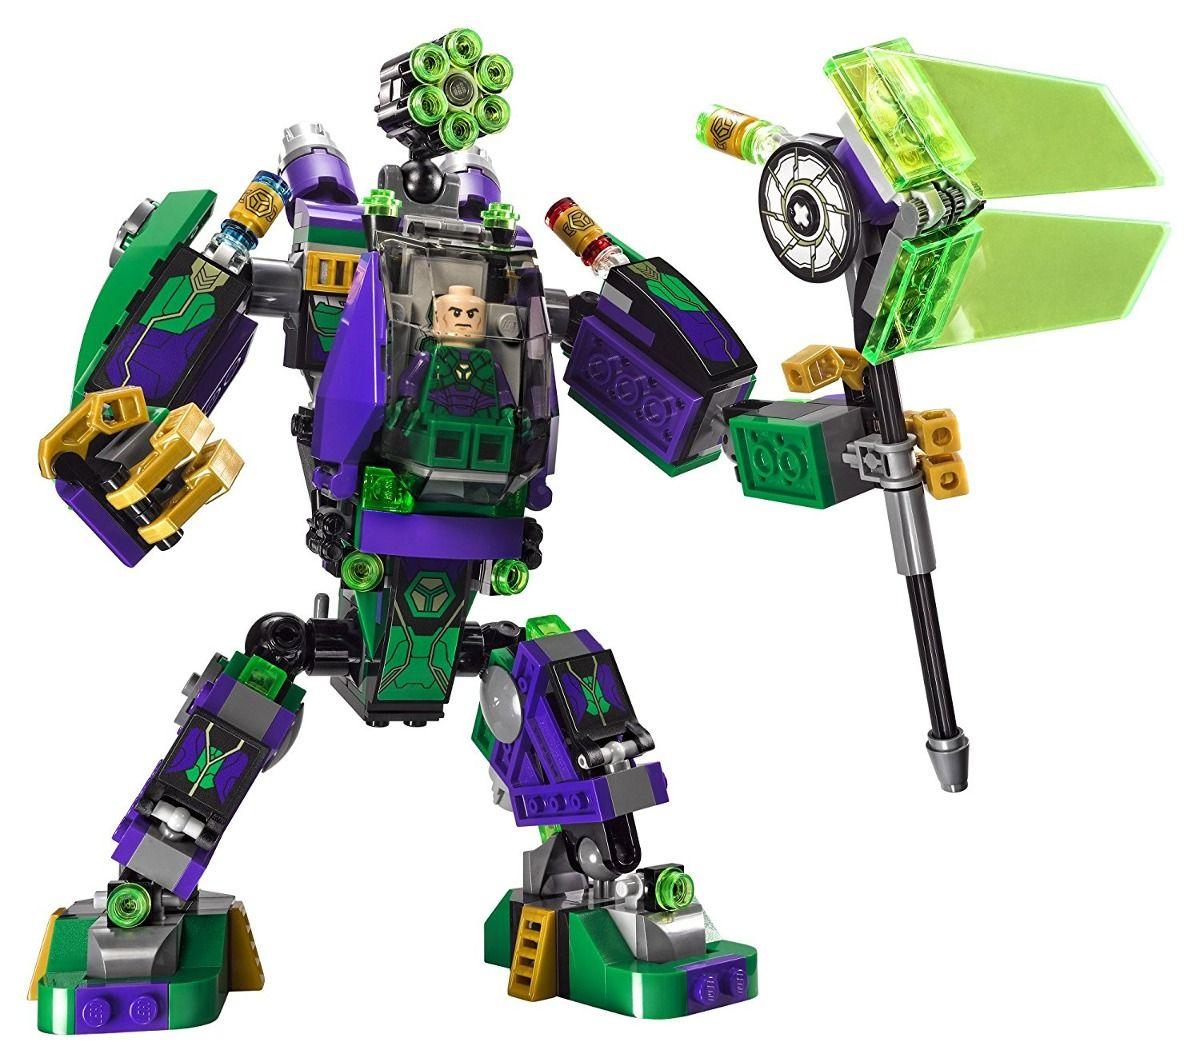 Lego 76097 Super Heroes Liga da Justiça - Robô do Lex Luthor -406 peças  - Doce Diversão